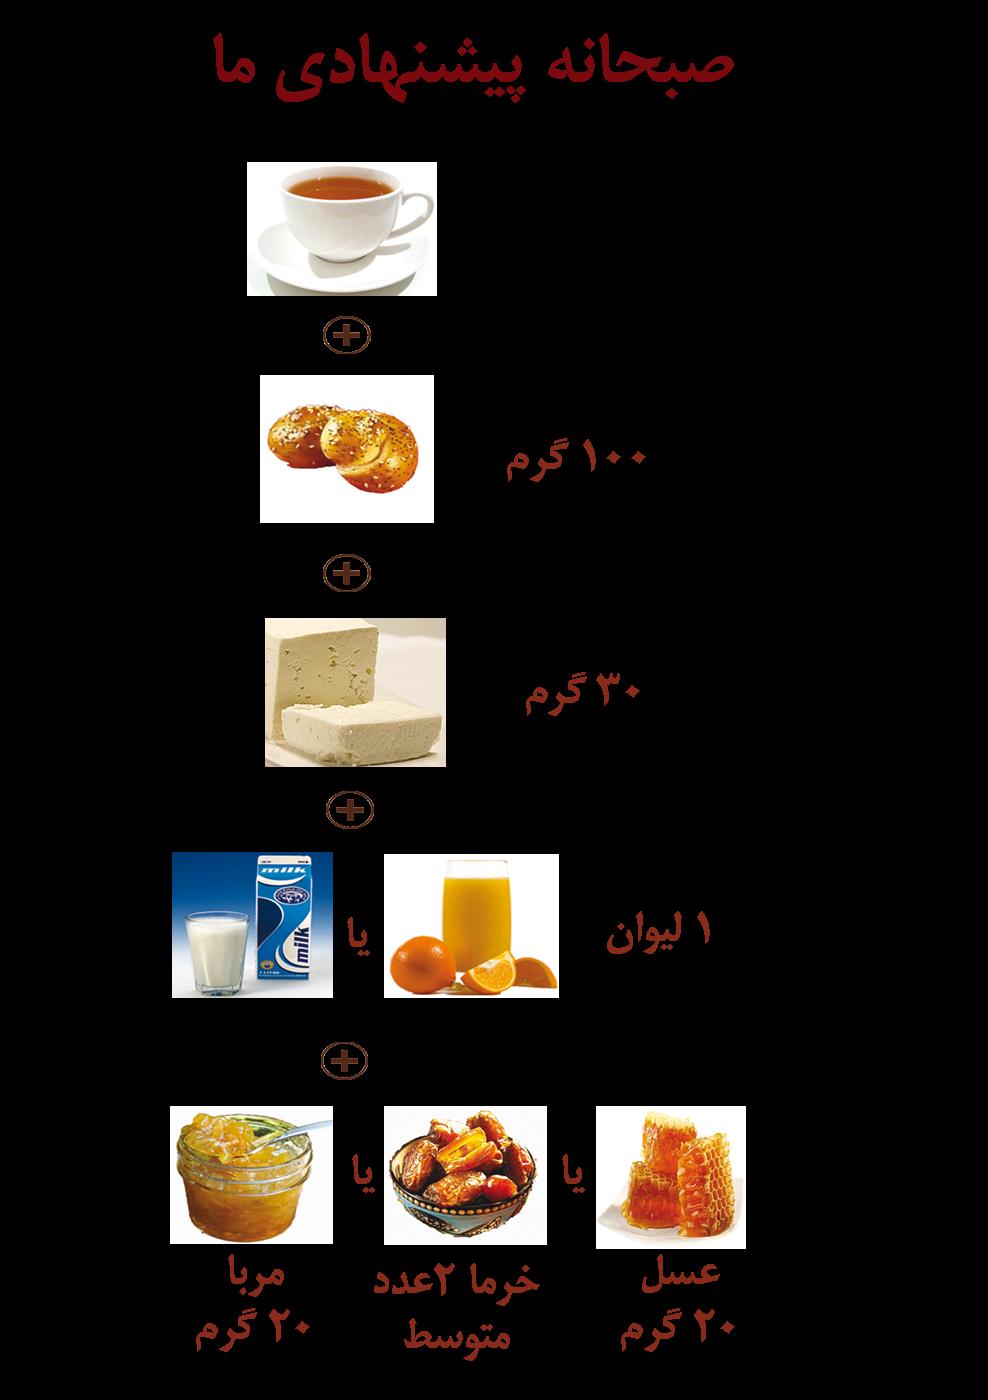 ممکن است شما غذایی خورده باشید که از غذاهای روزهای معمولی شما شیرین تر باشد